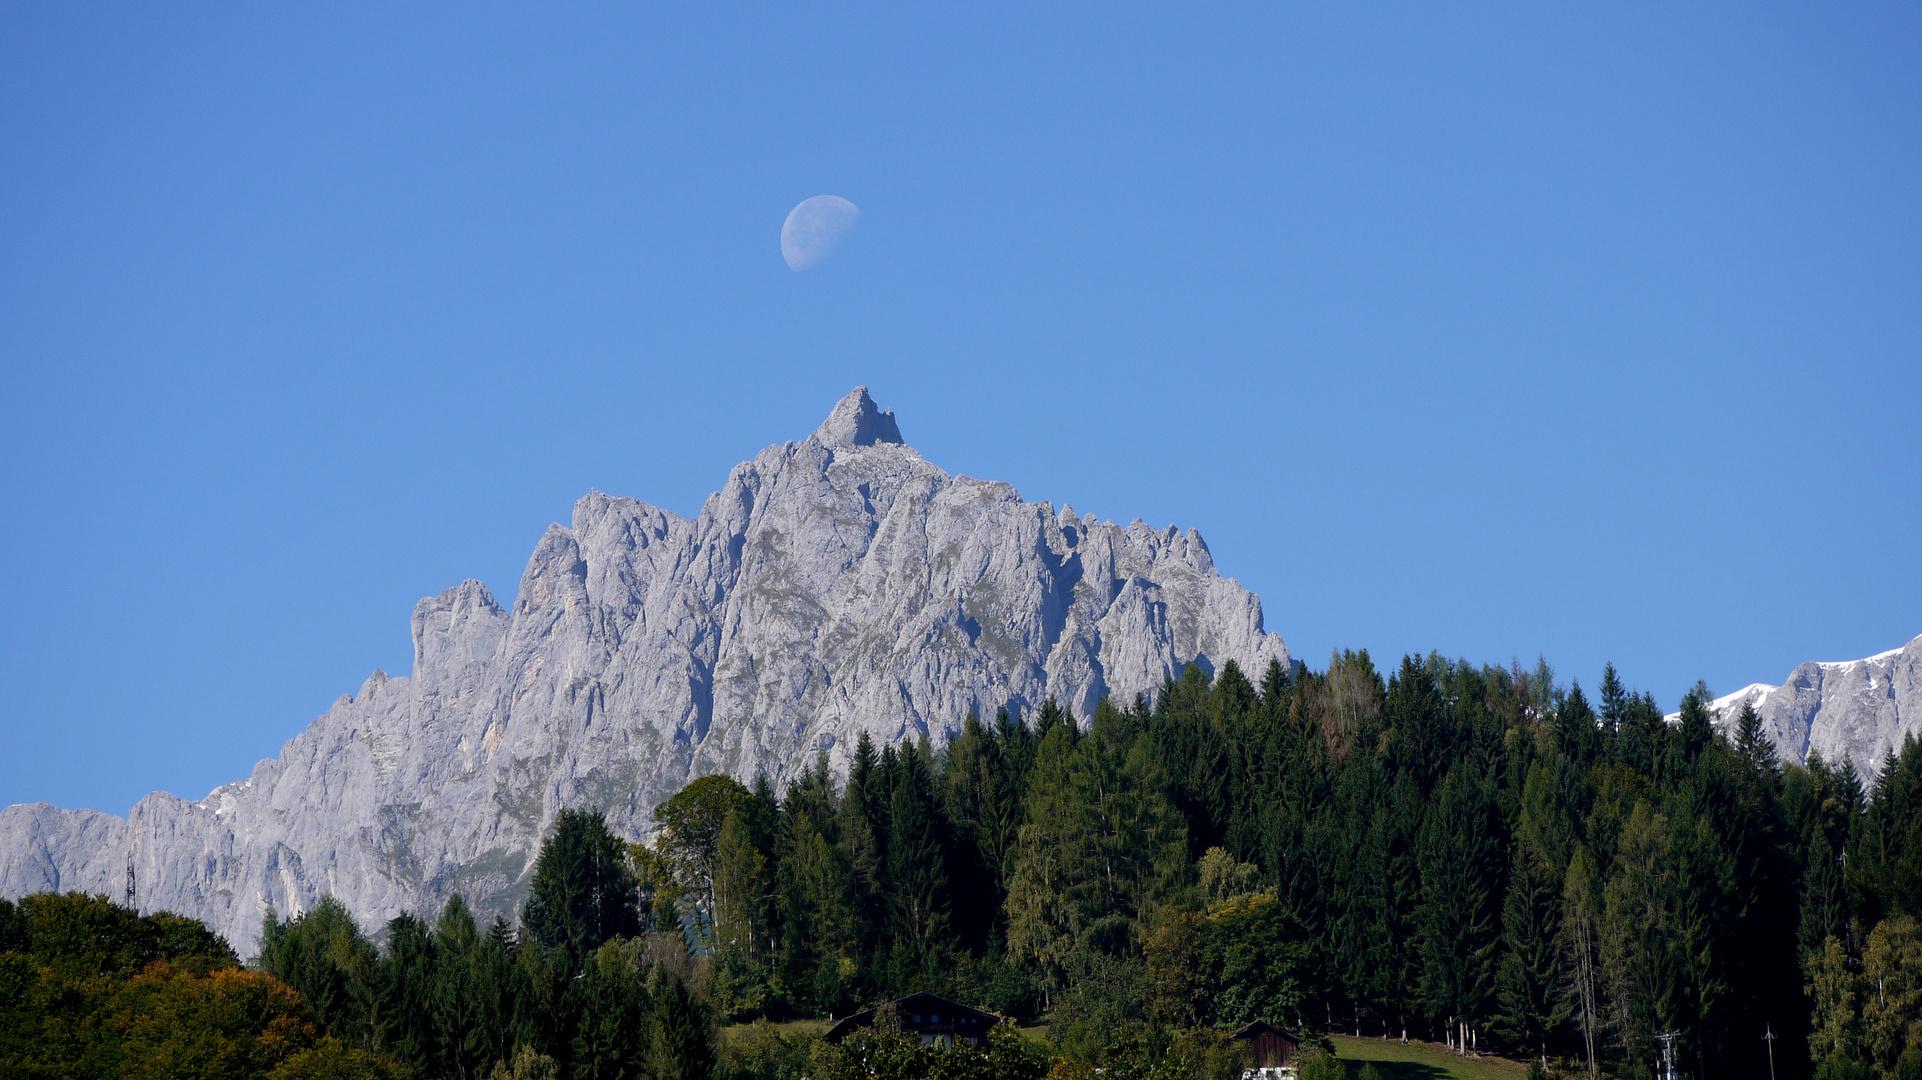 Abnehmender Mond beim Westl.Vierrinnenkopf,Mandlwänd